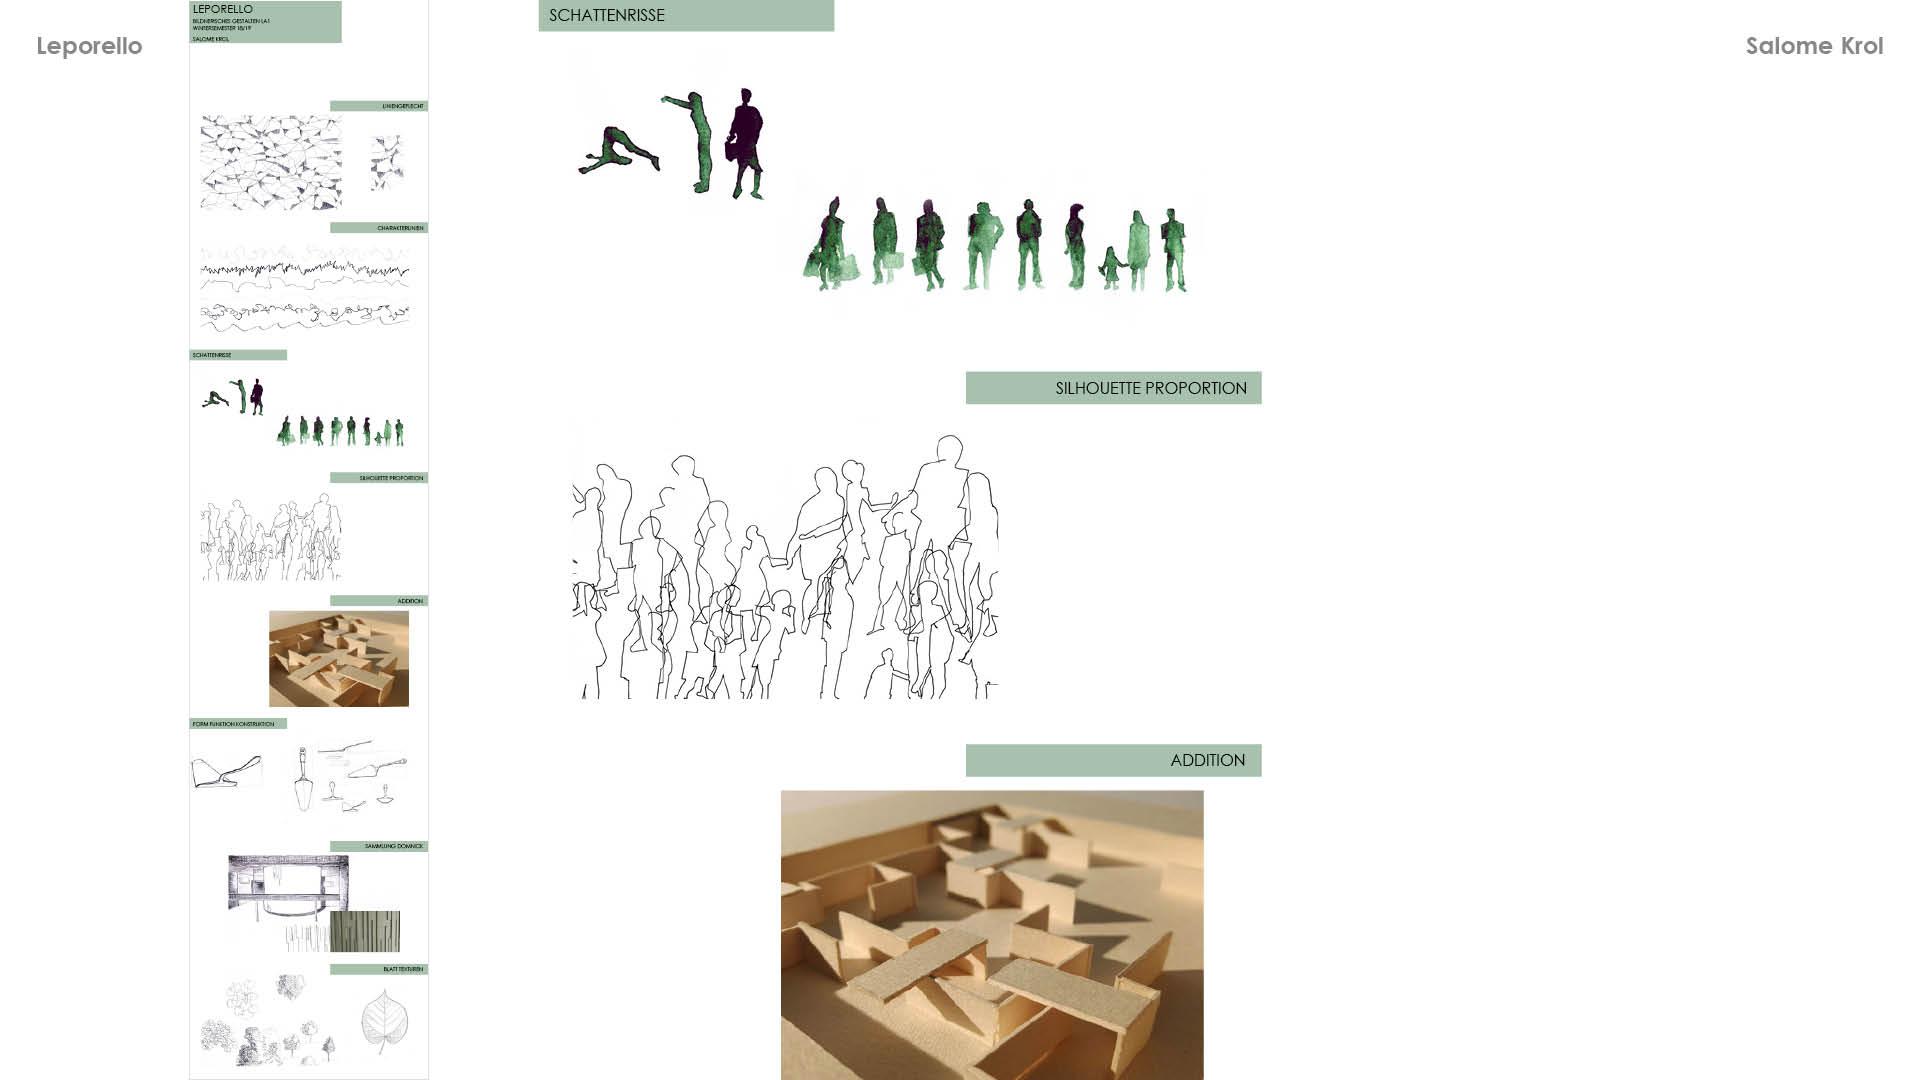 18 1 Bildnerisches Gestalten Leporellos Einzelarbeiten6